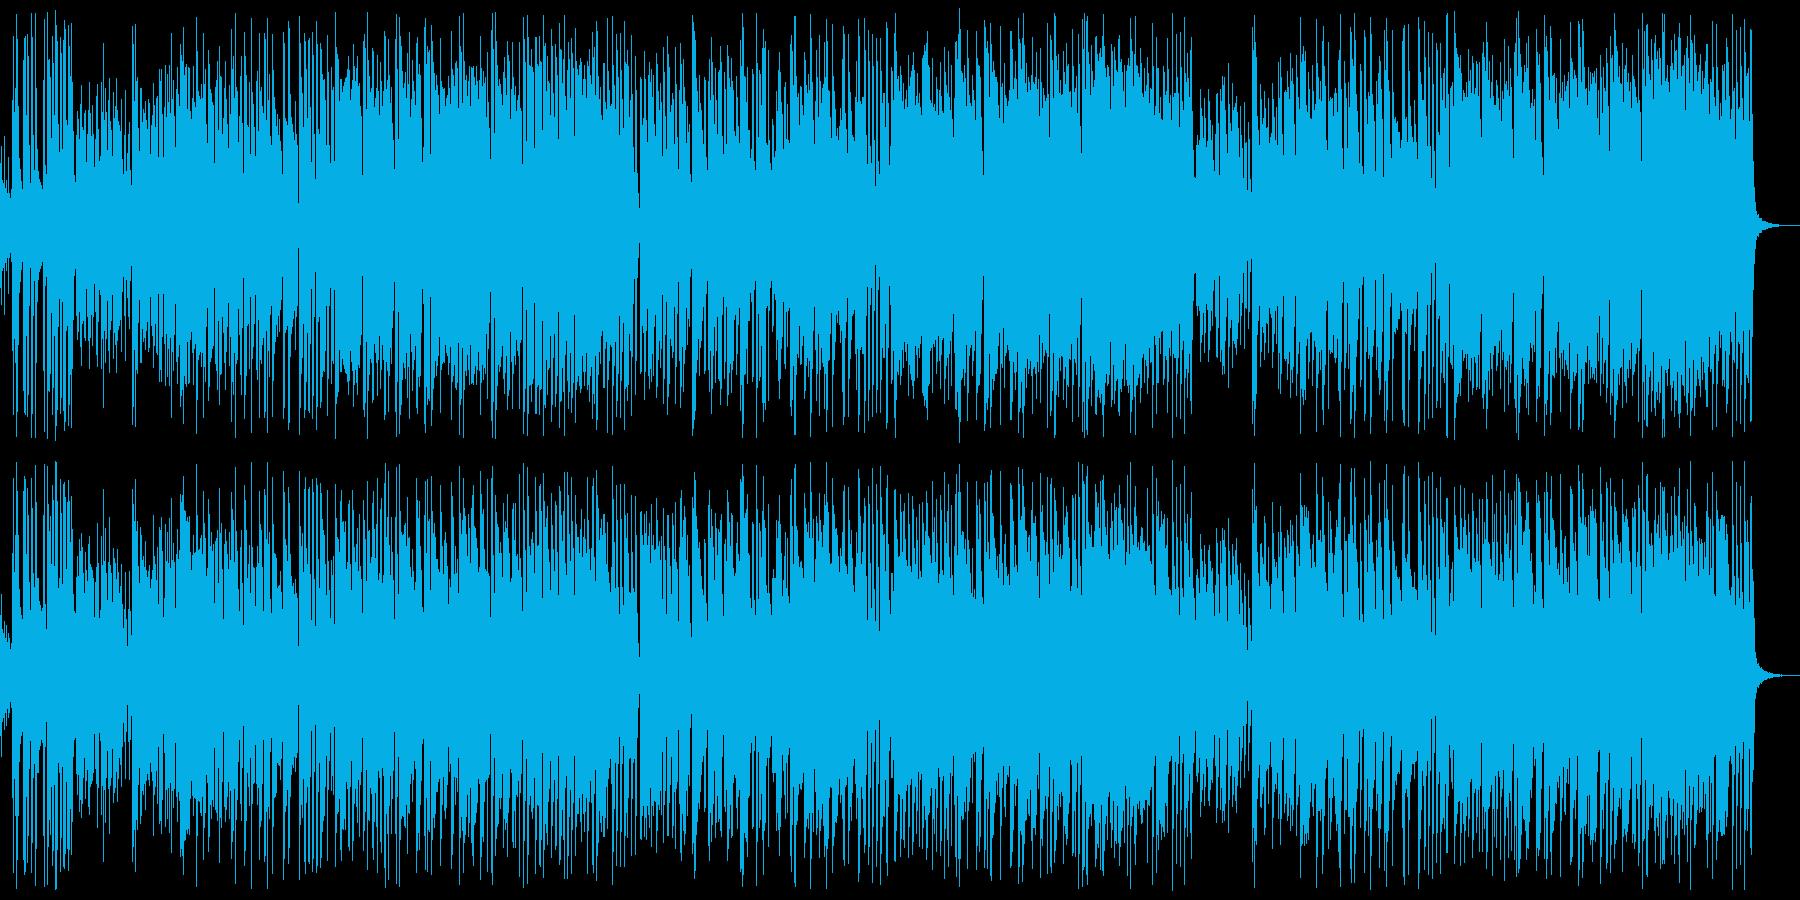 楽しげに弾むジャズ・ビッグバンド楽曲の再生済みの波形